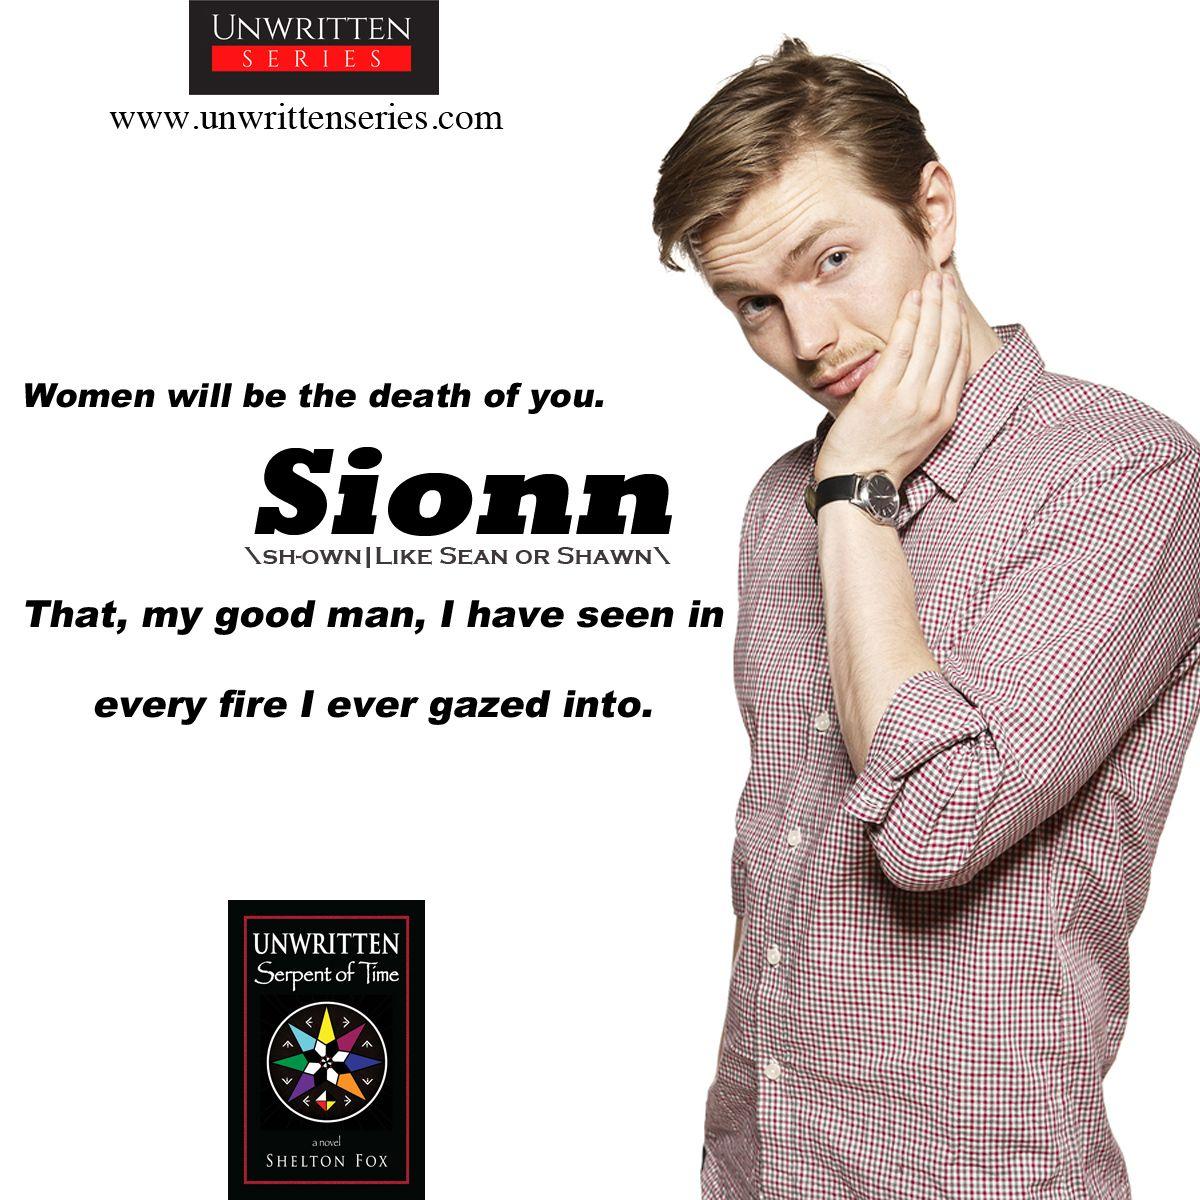 Sionn \shown\ Full Name Sionn Owaine Eiosioban. \shown